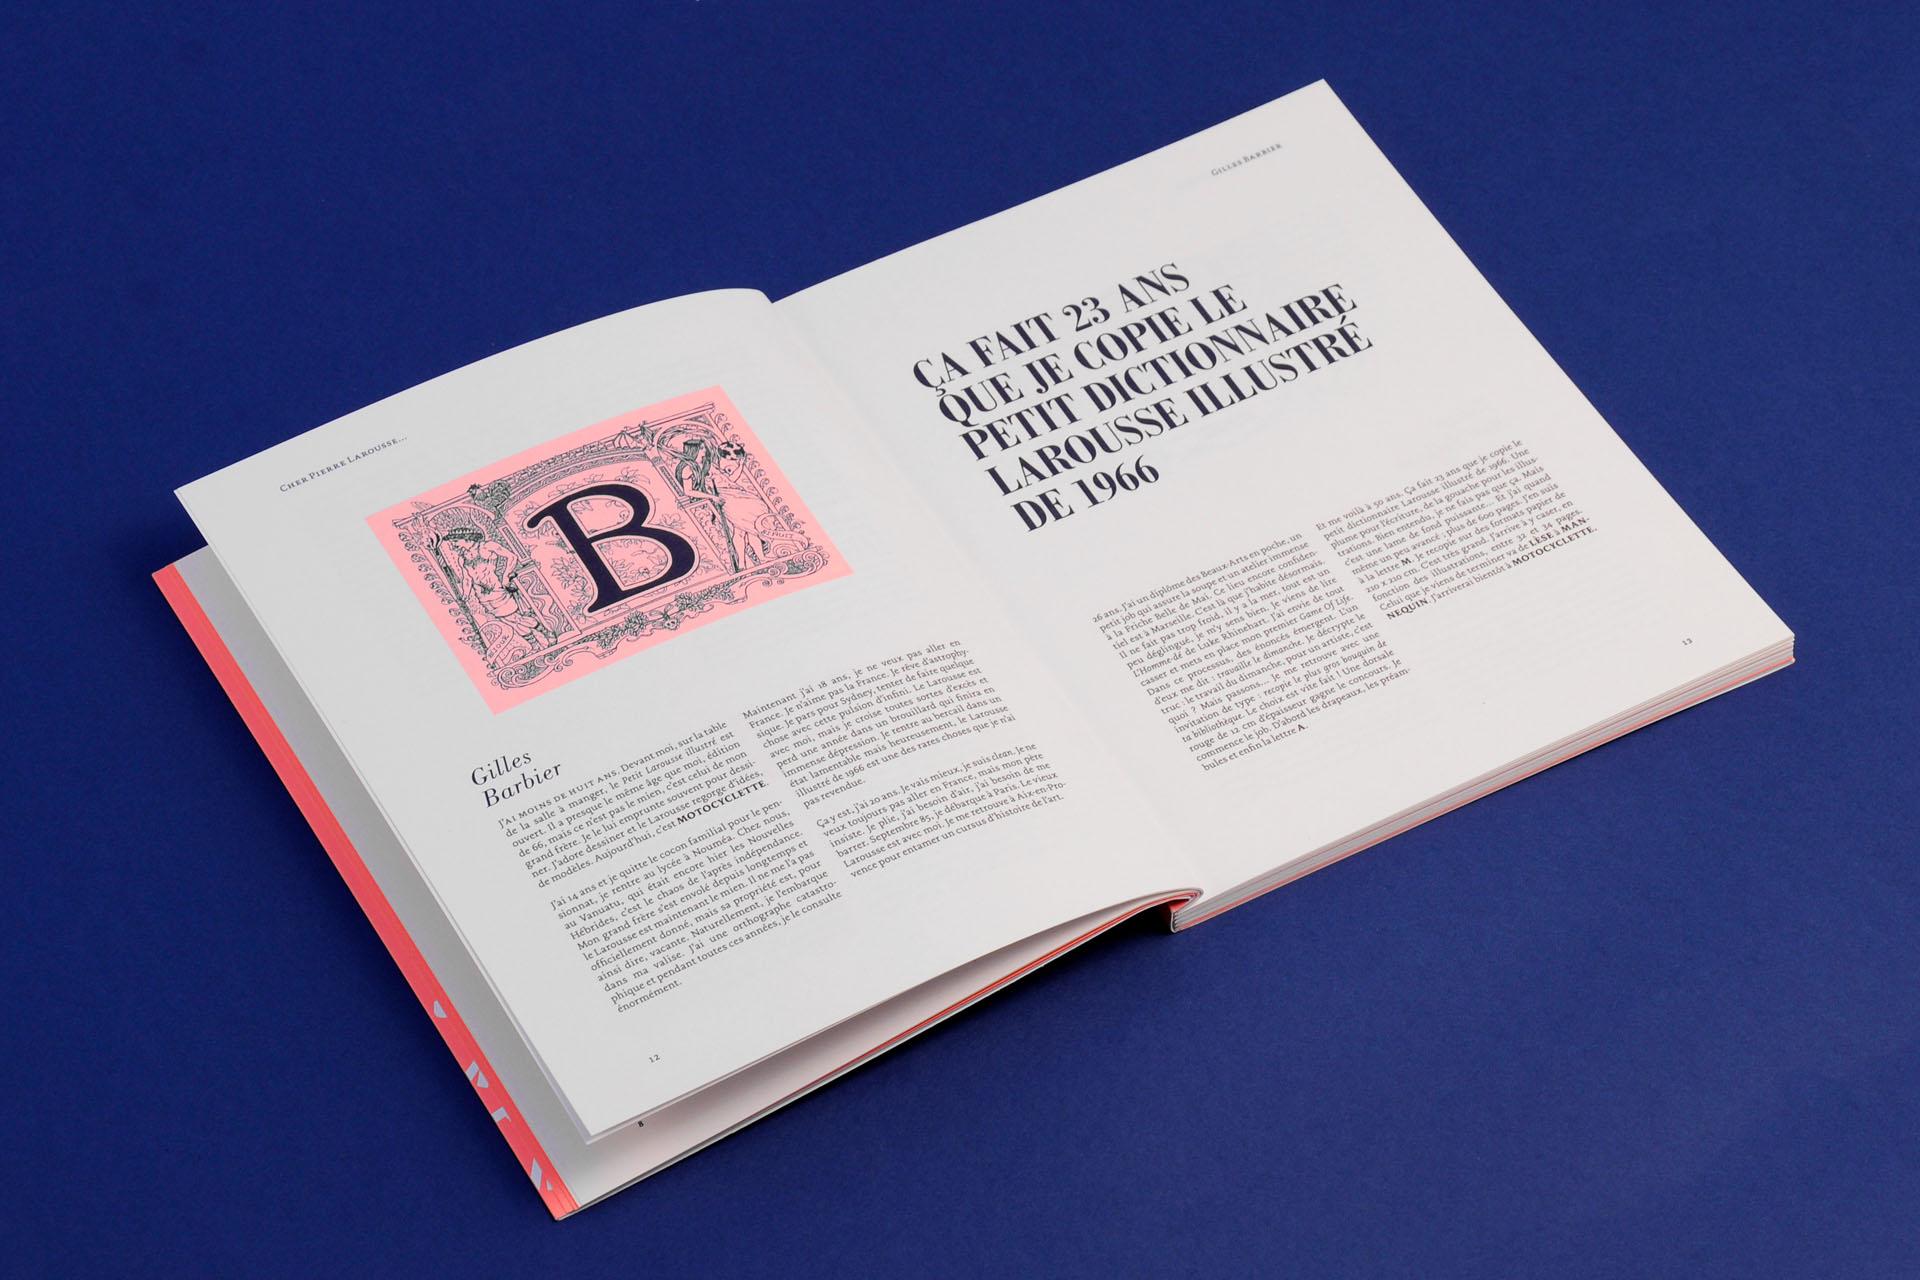 cher-pierre-larousse-bernard-chauveau-edition-plastac-12